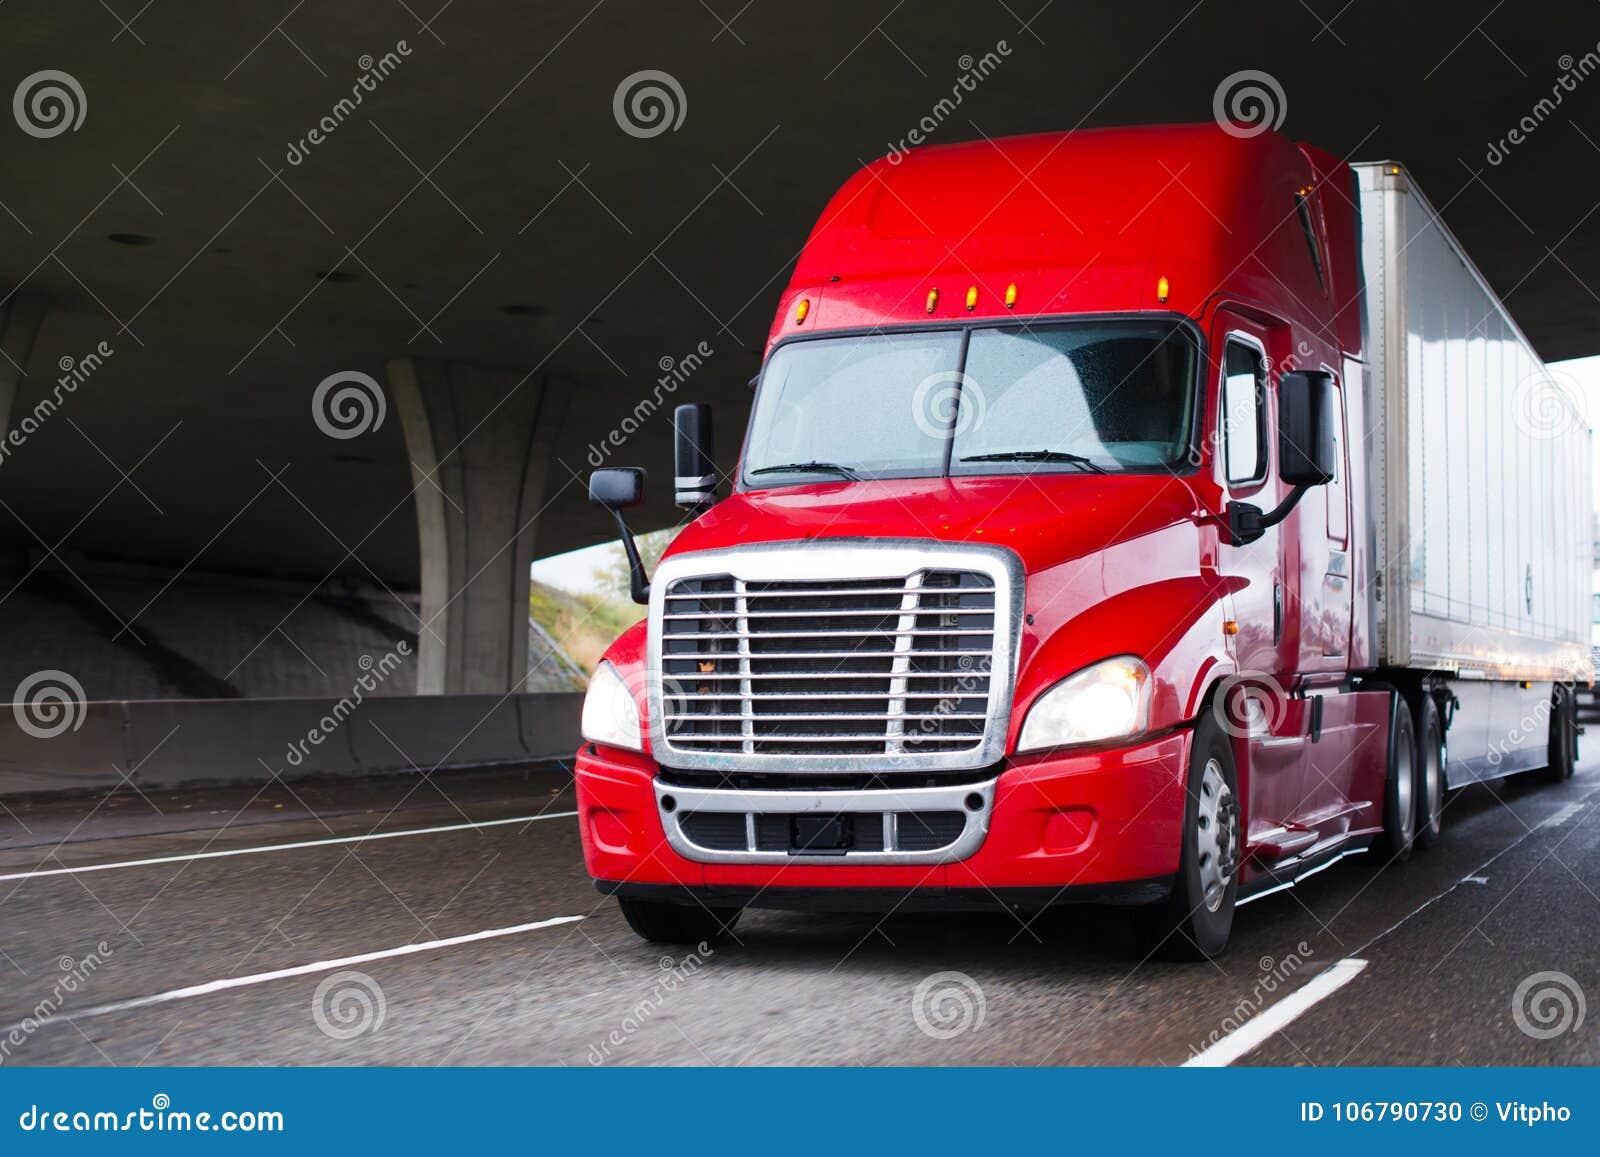 Φωτεινό κόκκινο σύγχρονο μεγάλο ημι φορτηγό εγκαταστάσεων γεώτρησης με ξηρό van trailer runnin